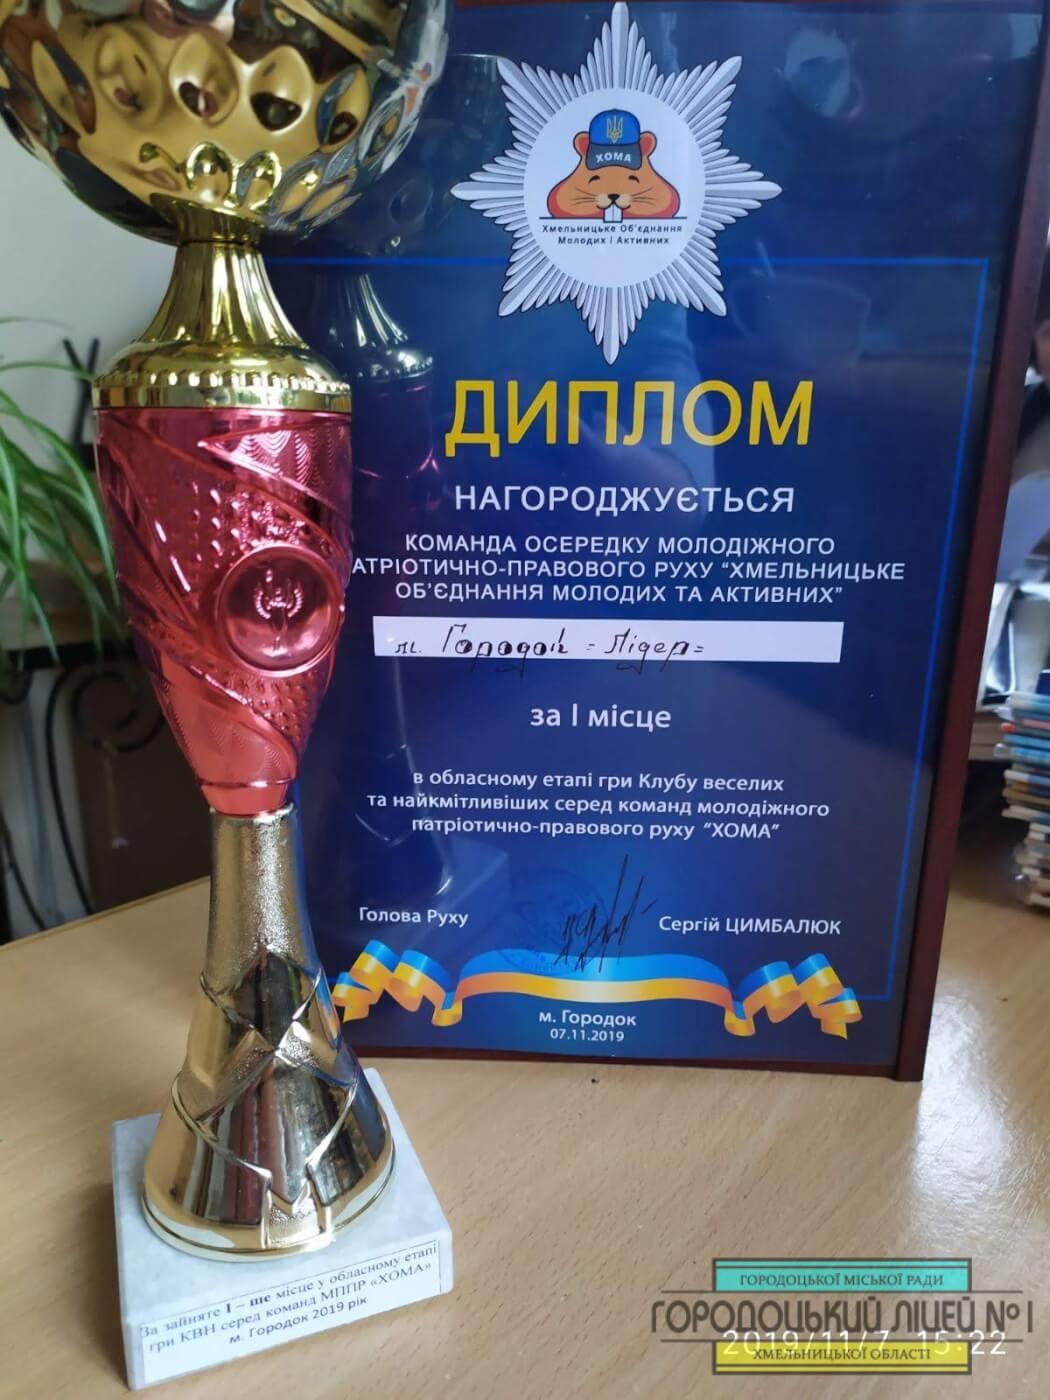 IMG c9ce209ac03c636866d93f44cb0dd1ba V - Перший обласний етап гри клубу веселих та найкмітливіших серед команд молодіжного патріотично – правового руху «ХОМА» в Хмельницькій області